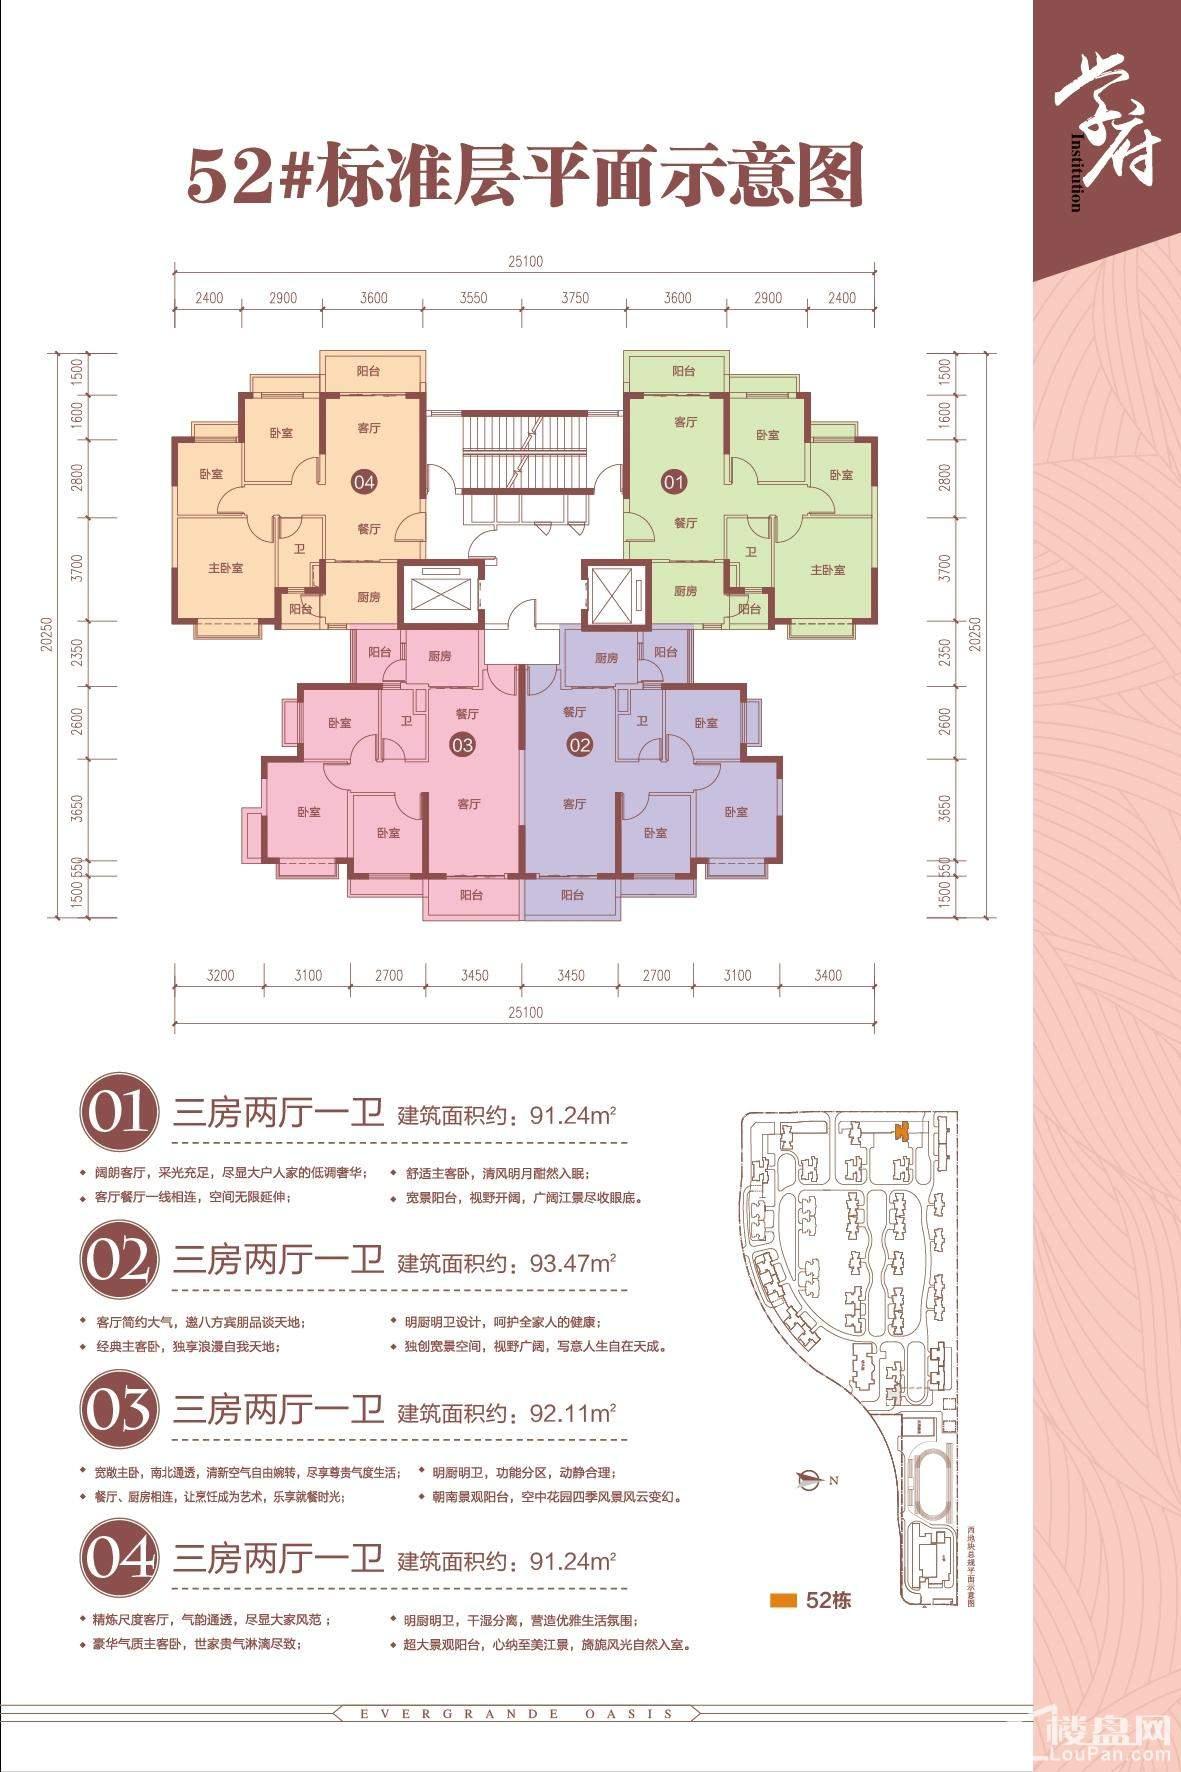 南宁恒大绿洲3期52#标准层平面图